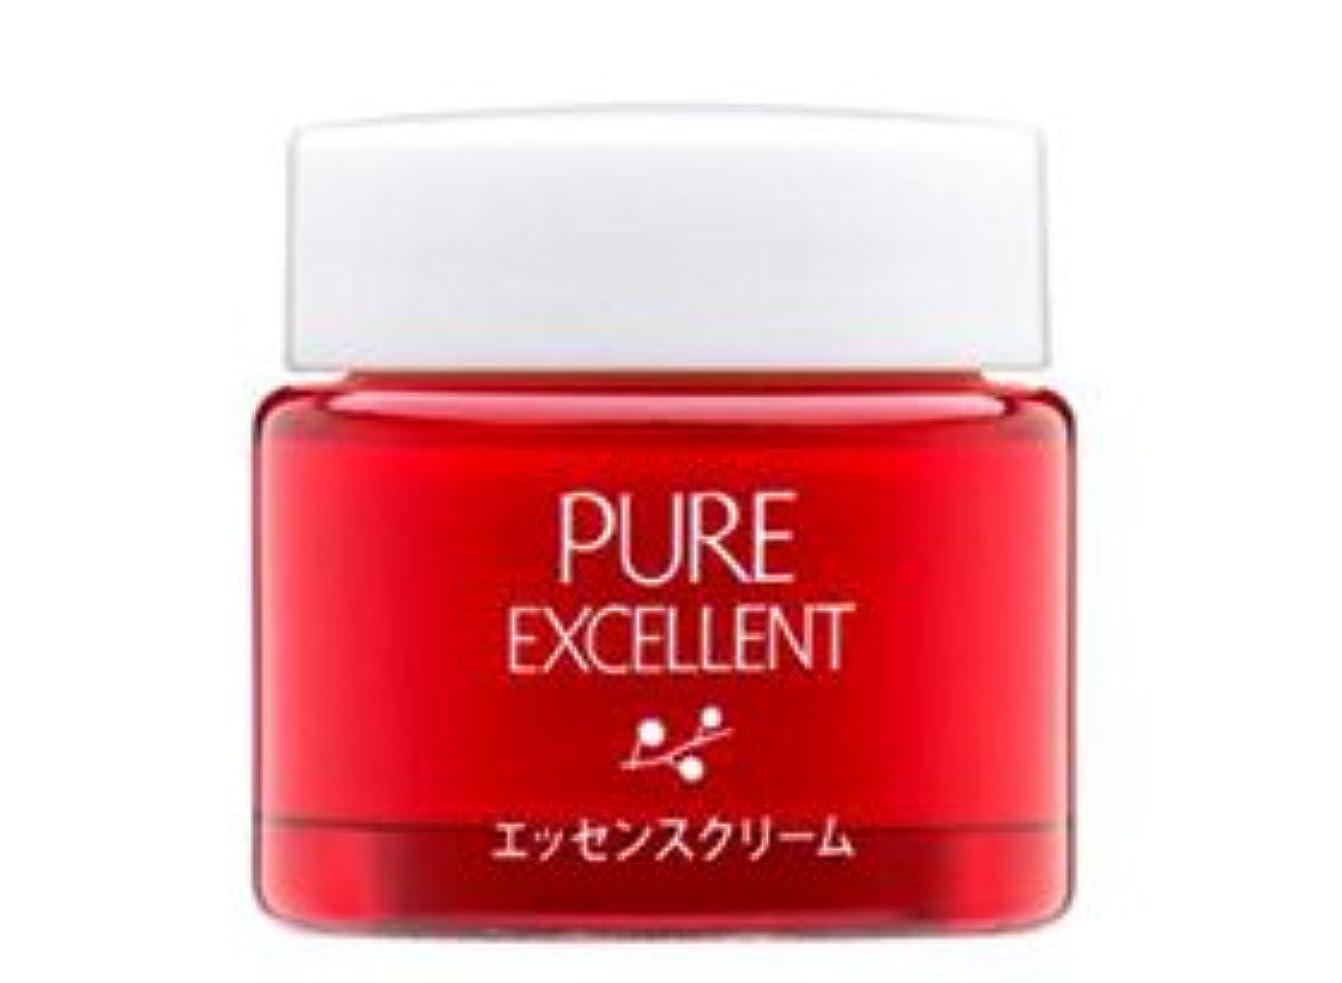 サイズすでに吐くハイム化粧品/エッセンスクリーム【ピュアエクセレントG】